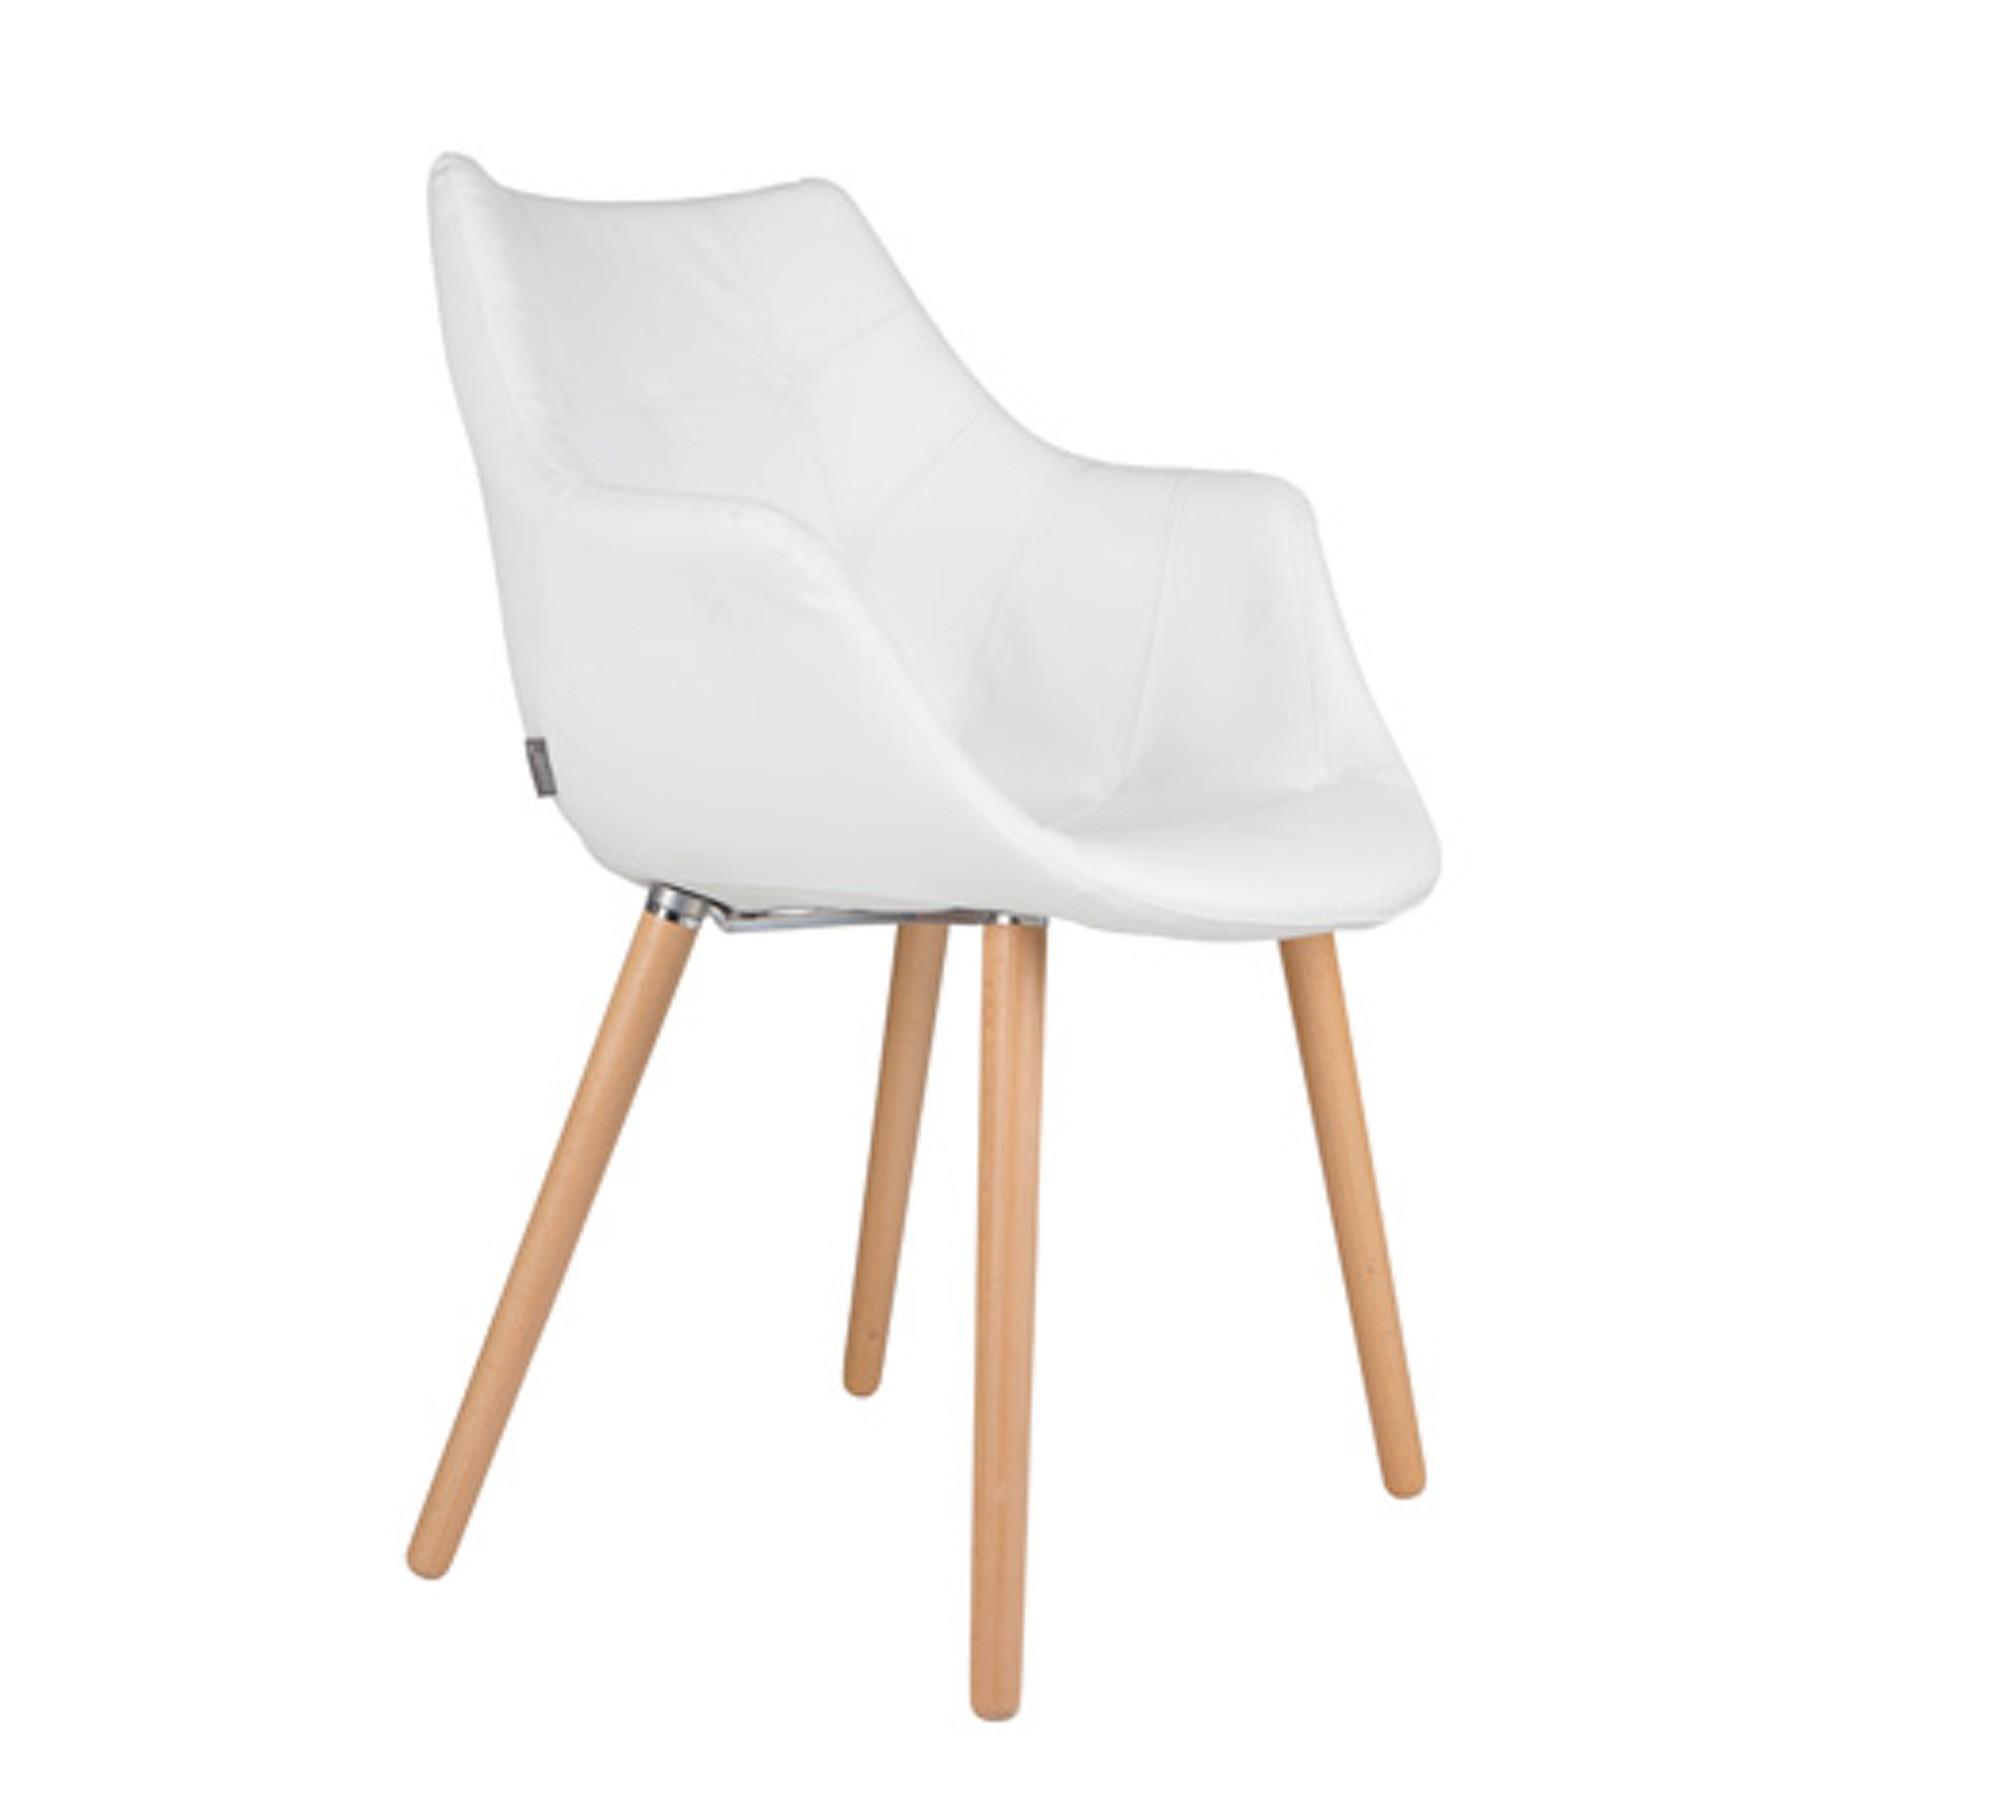 zuiver stuhl twelve patchwork kunstleder wei 10007975. Black Bedroom Furniture Sets. Home Design Ideas